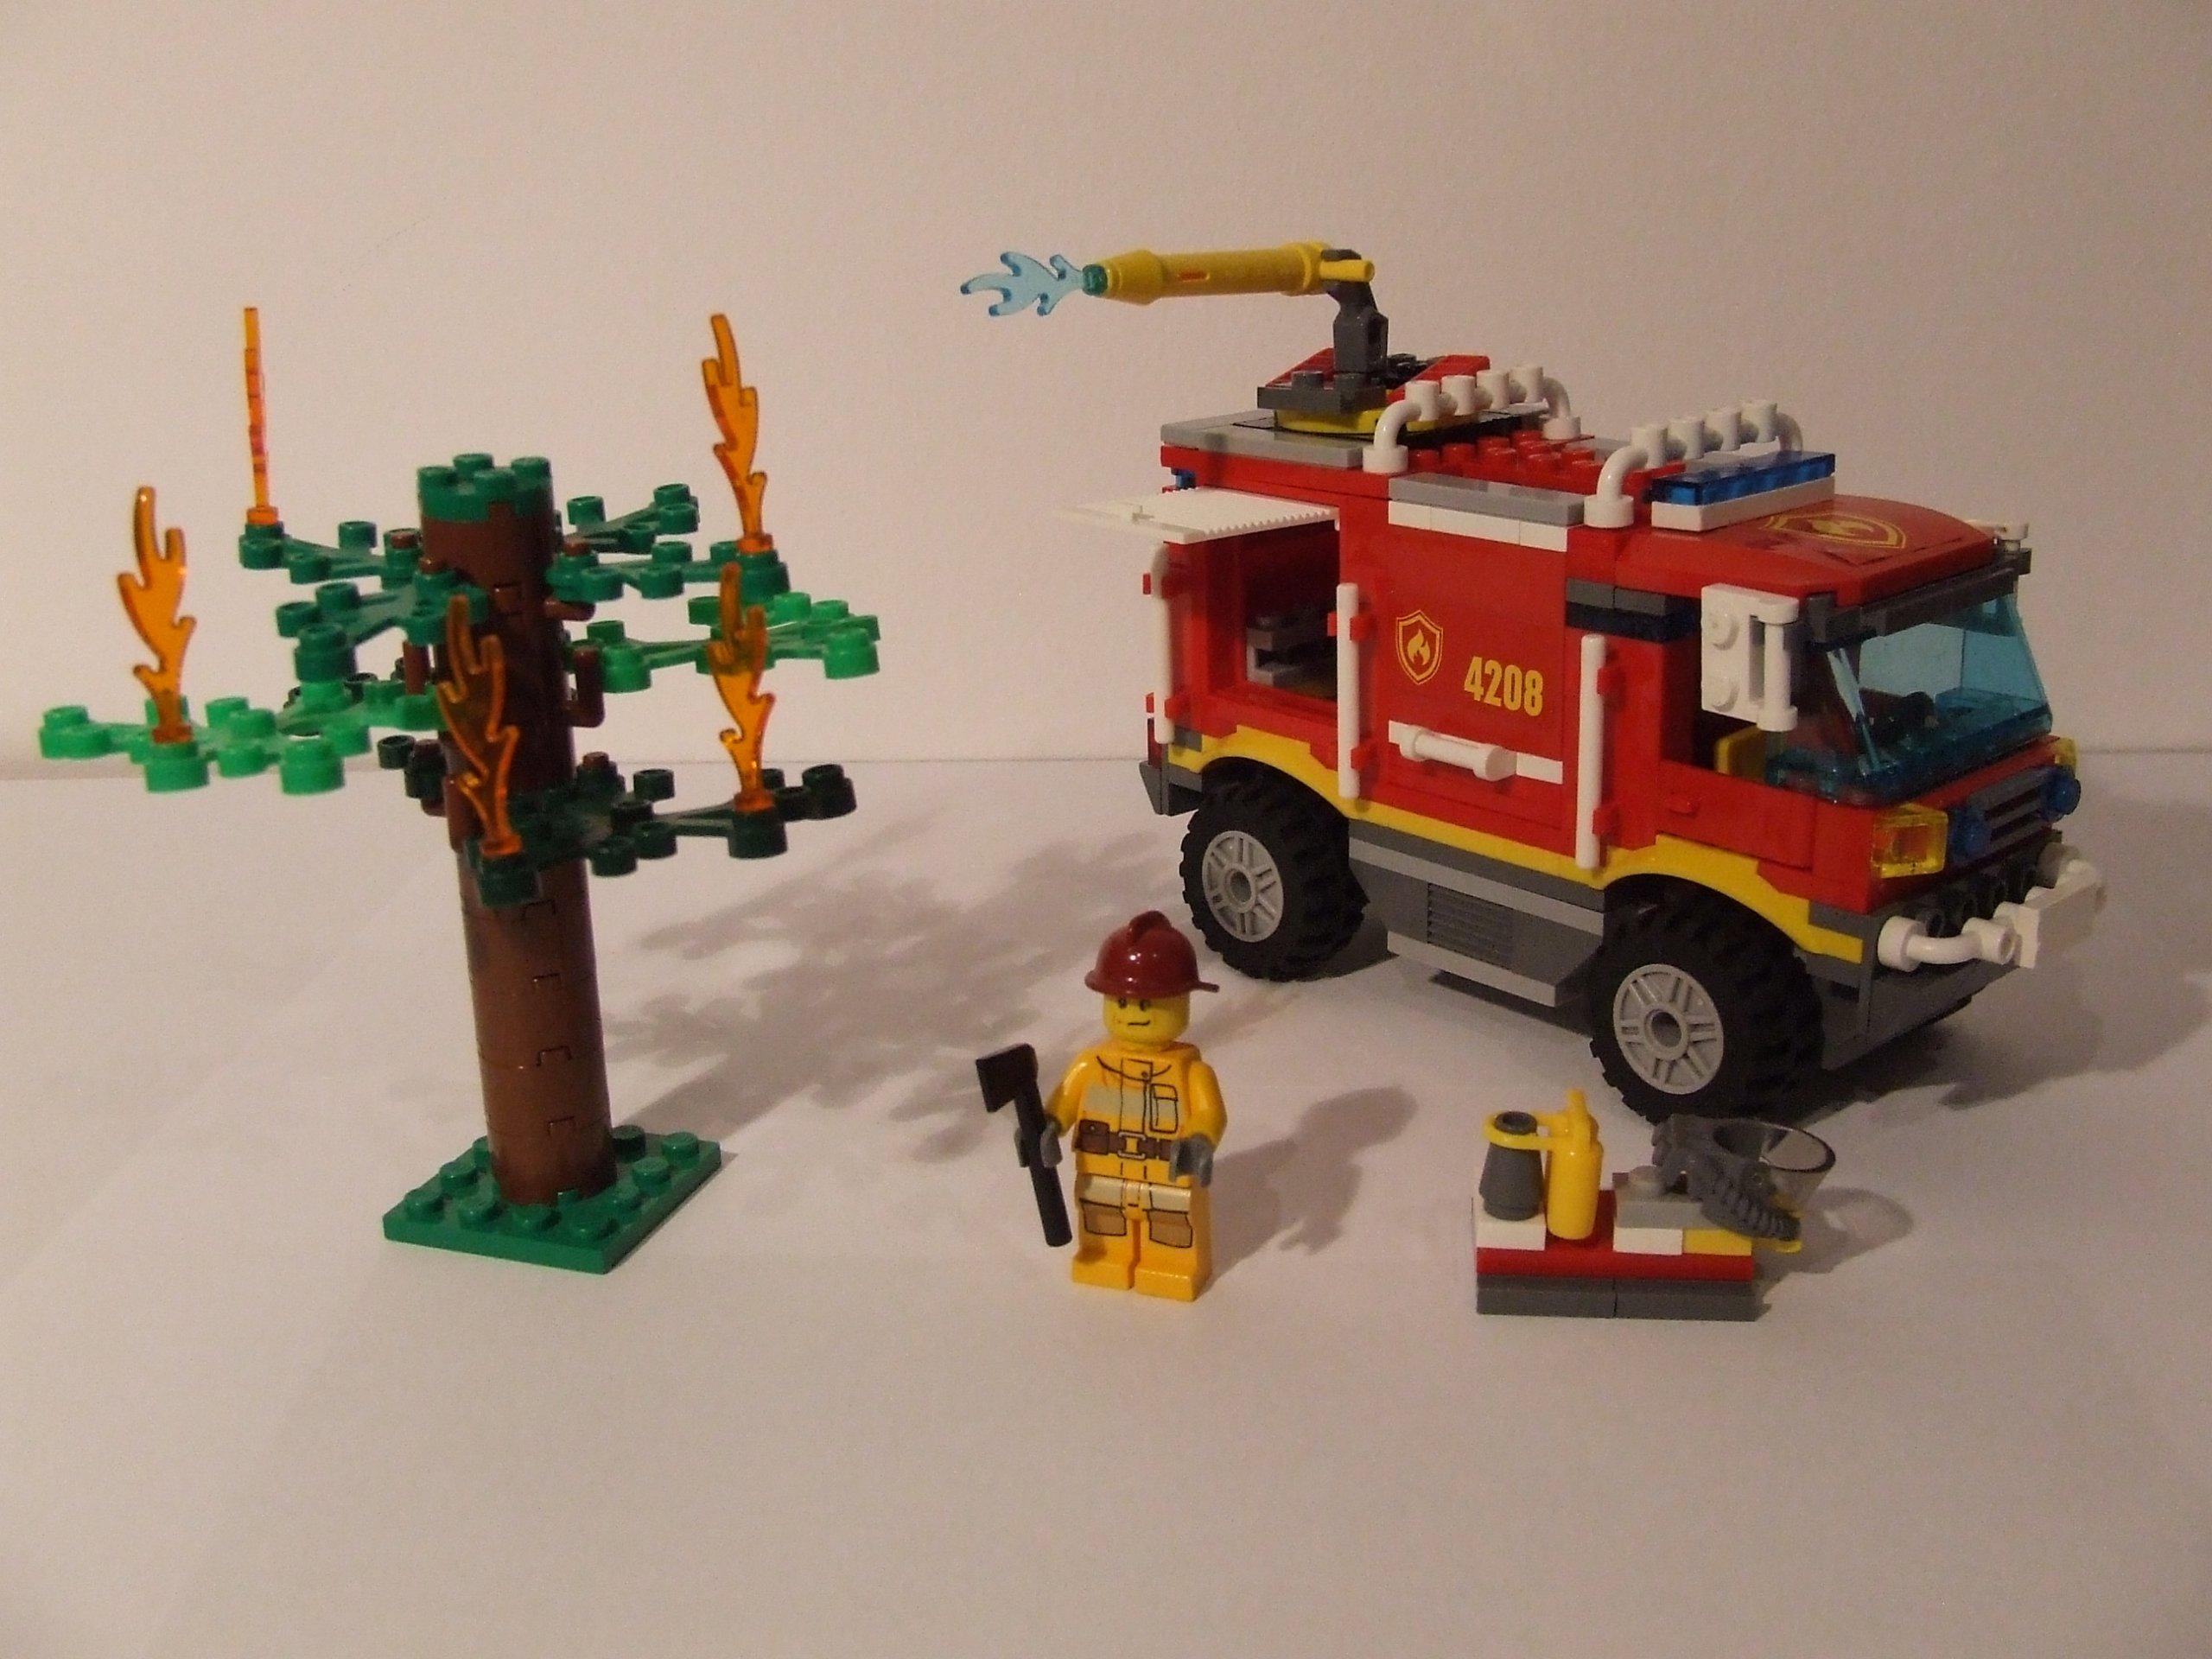 Klocki Lego City 4208 Straż Pożarna 7088478031 Oficjalne